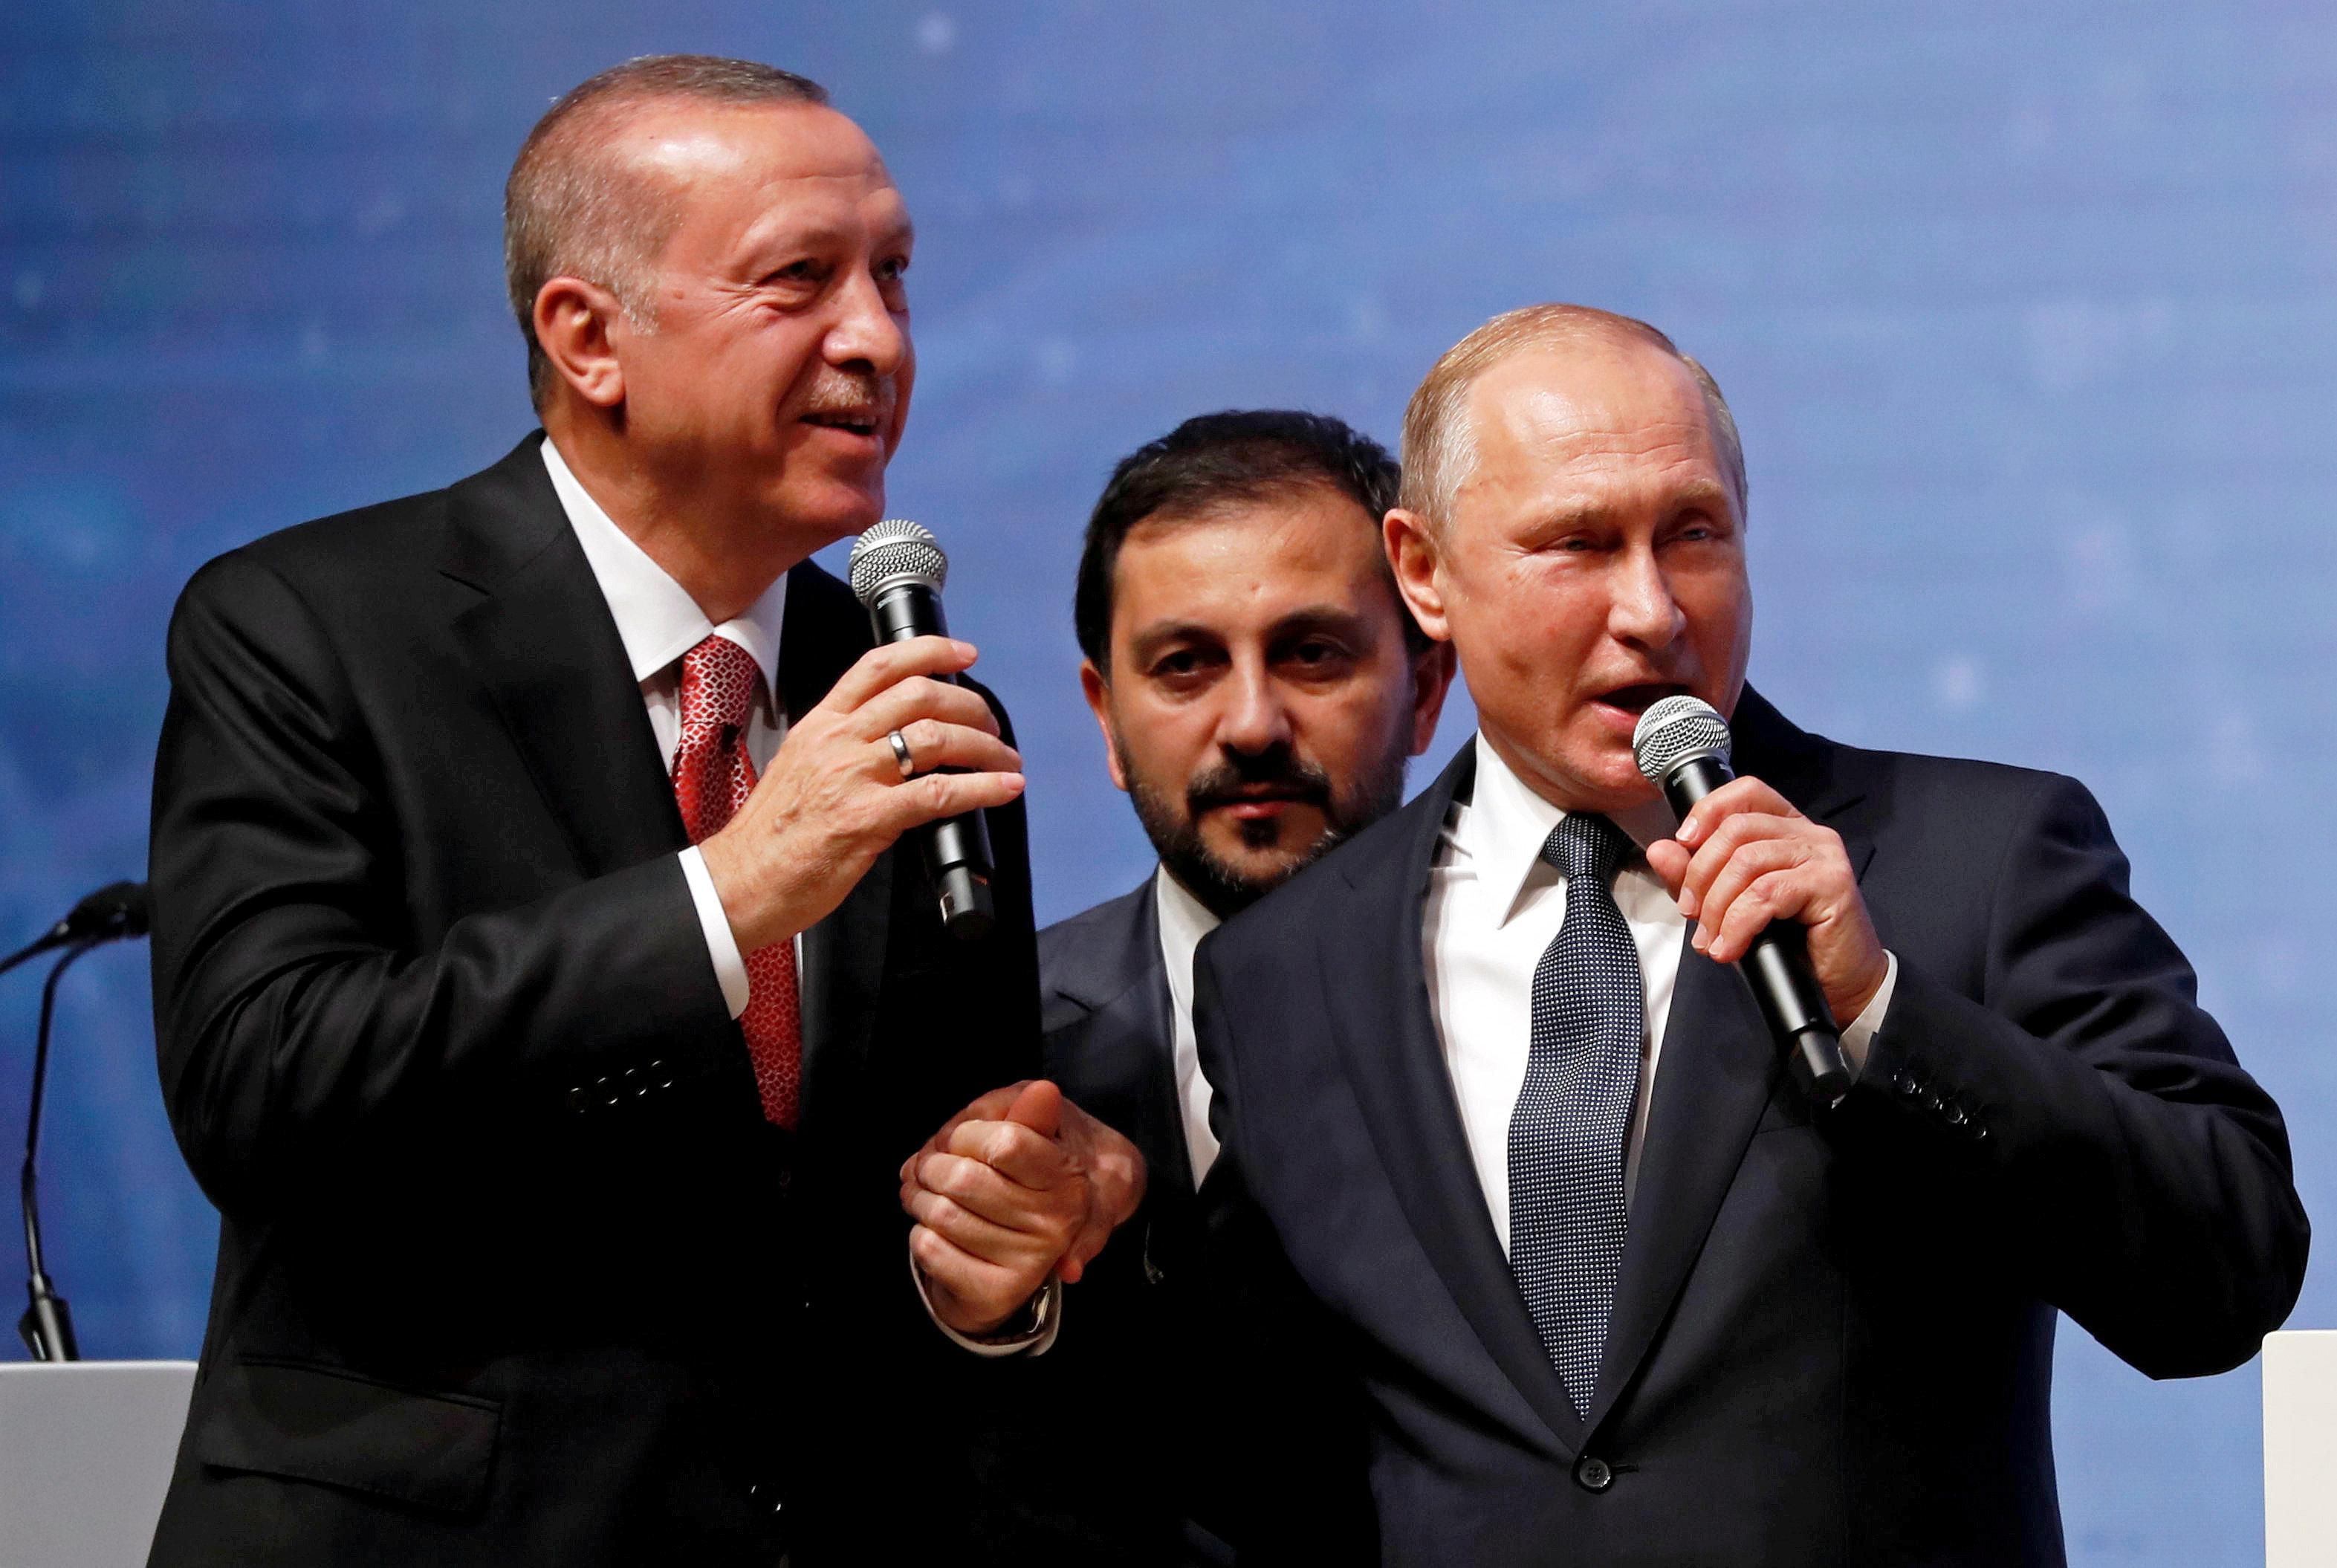 Χέρι - χέρι Πούτιν και Ερντογάν σε πανηγυρική τελετή για τον αγωγό